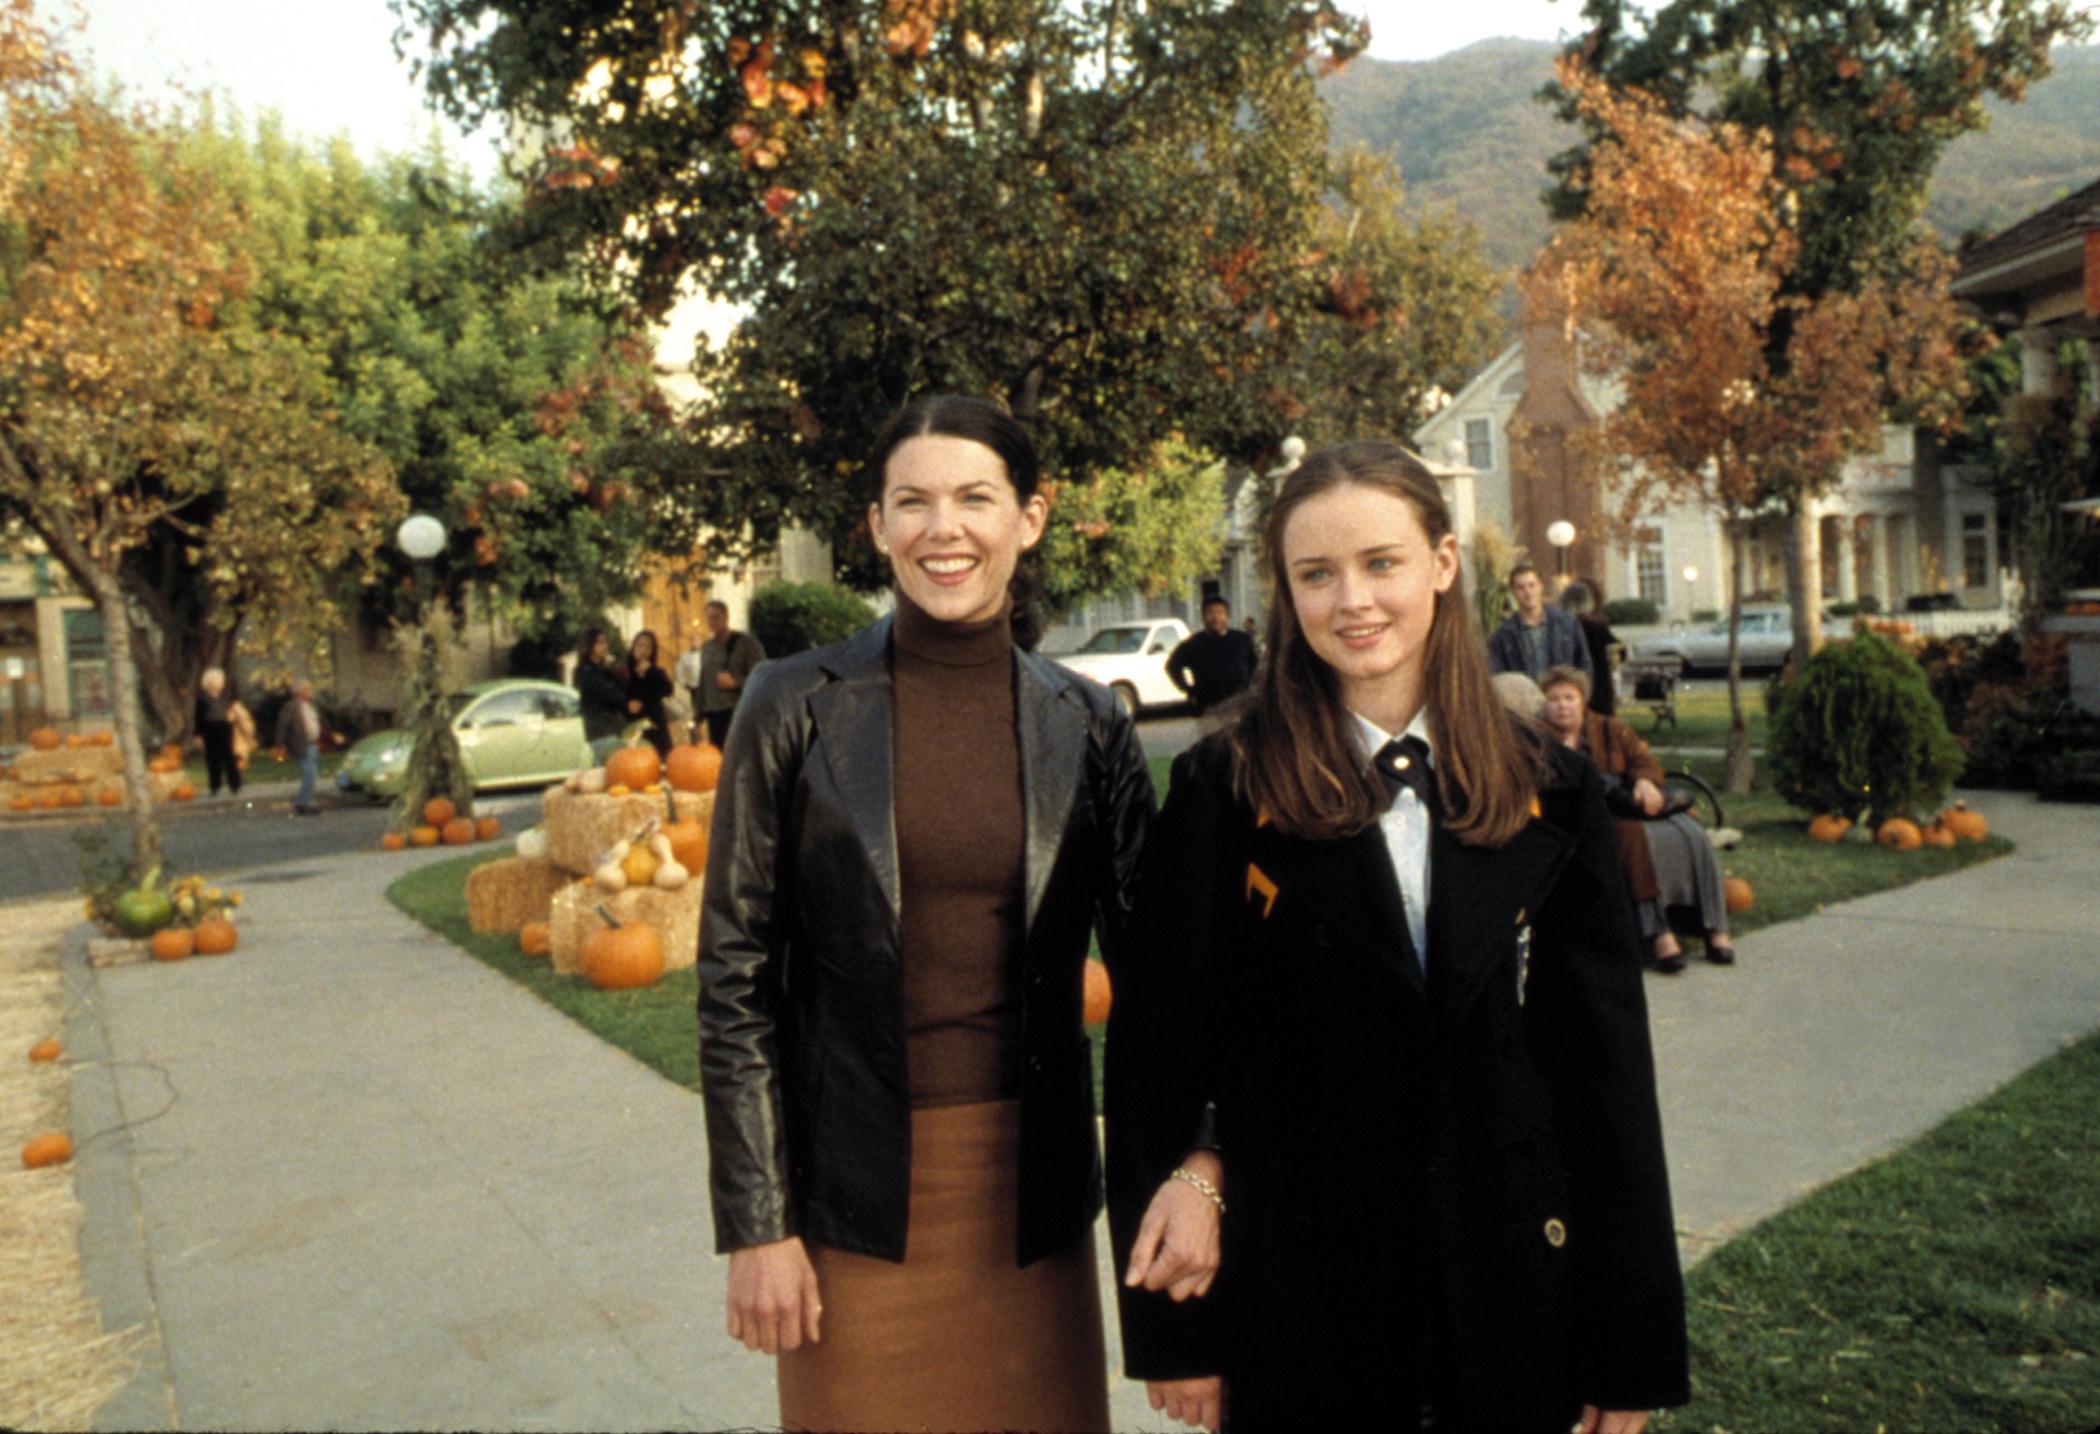 Lauren Graham and Alexis Bledel in  Kiss & Tell,  (Season 1, Episode 7) of GILMORE GIRLS (aired November 16, 2000)